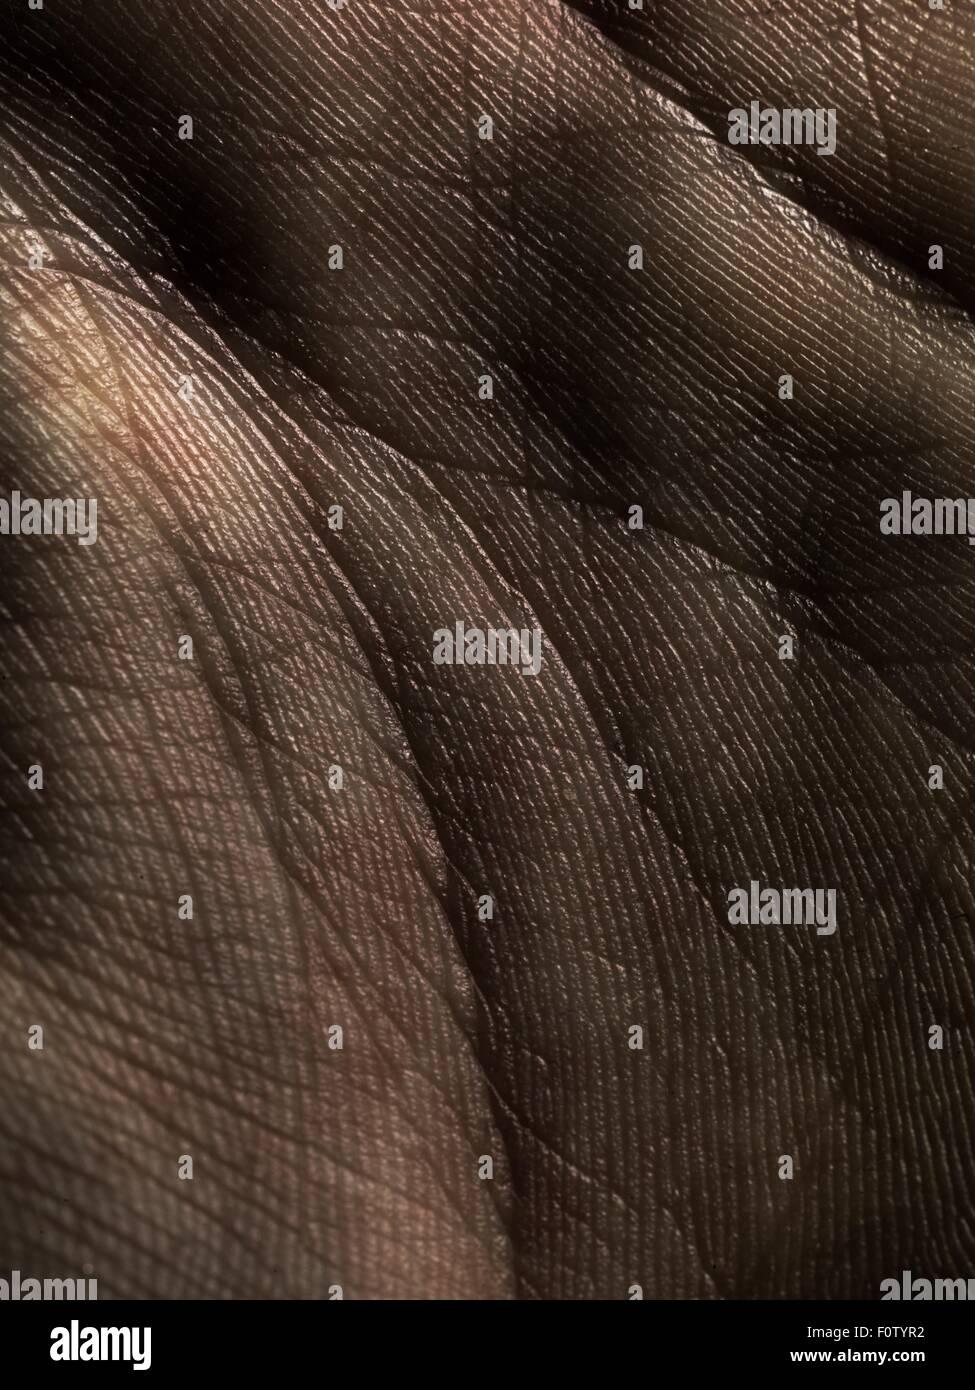 Nahaufnahme von Linien auf Handfläche Stockbild